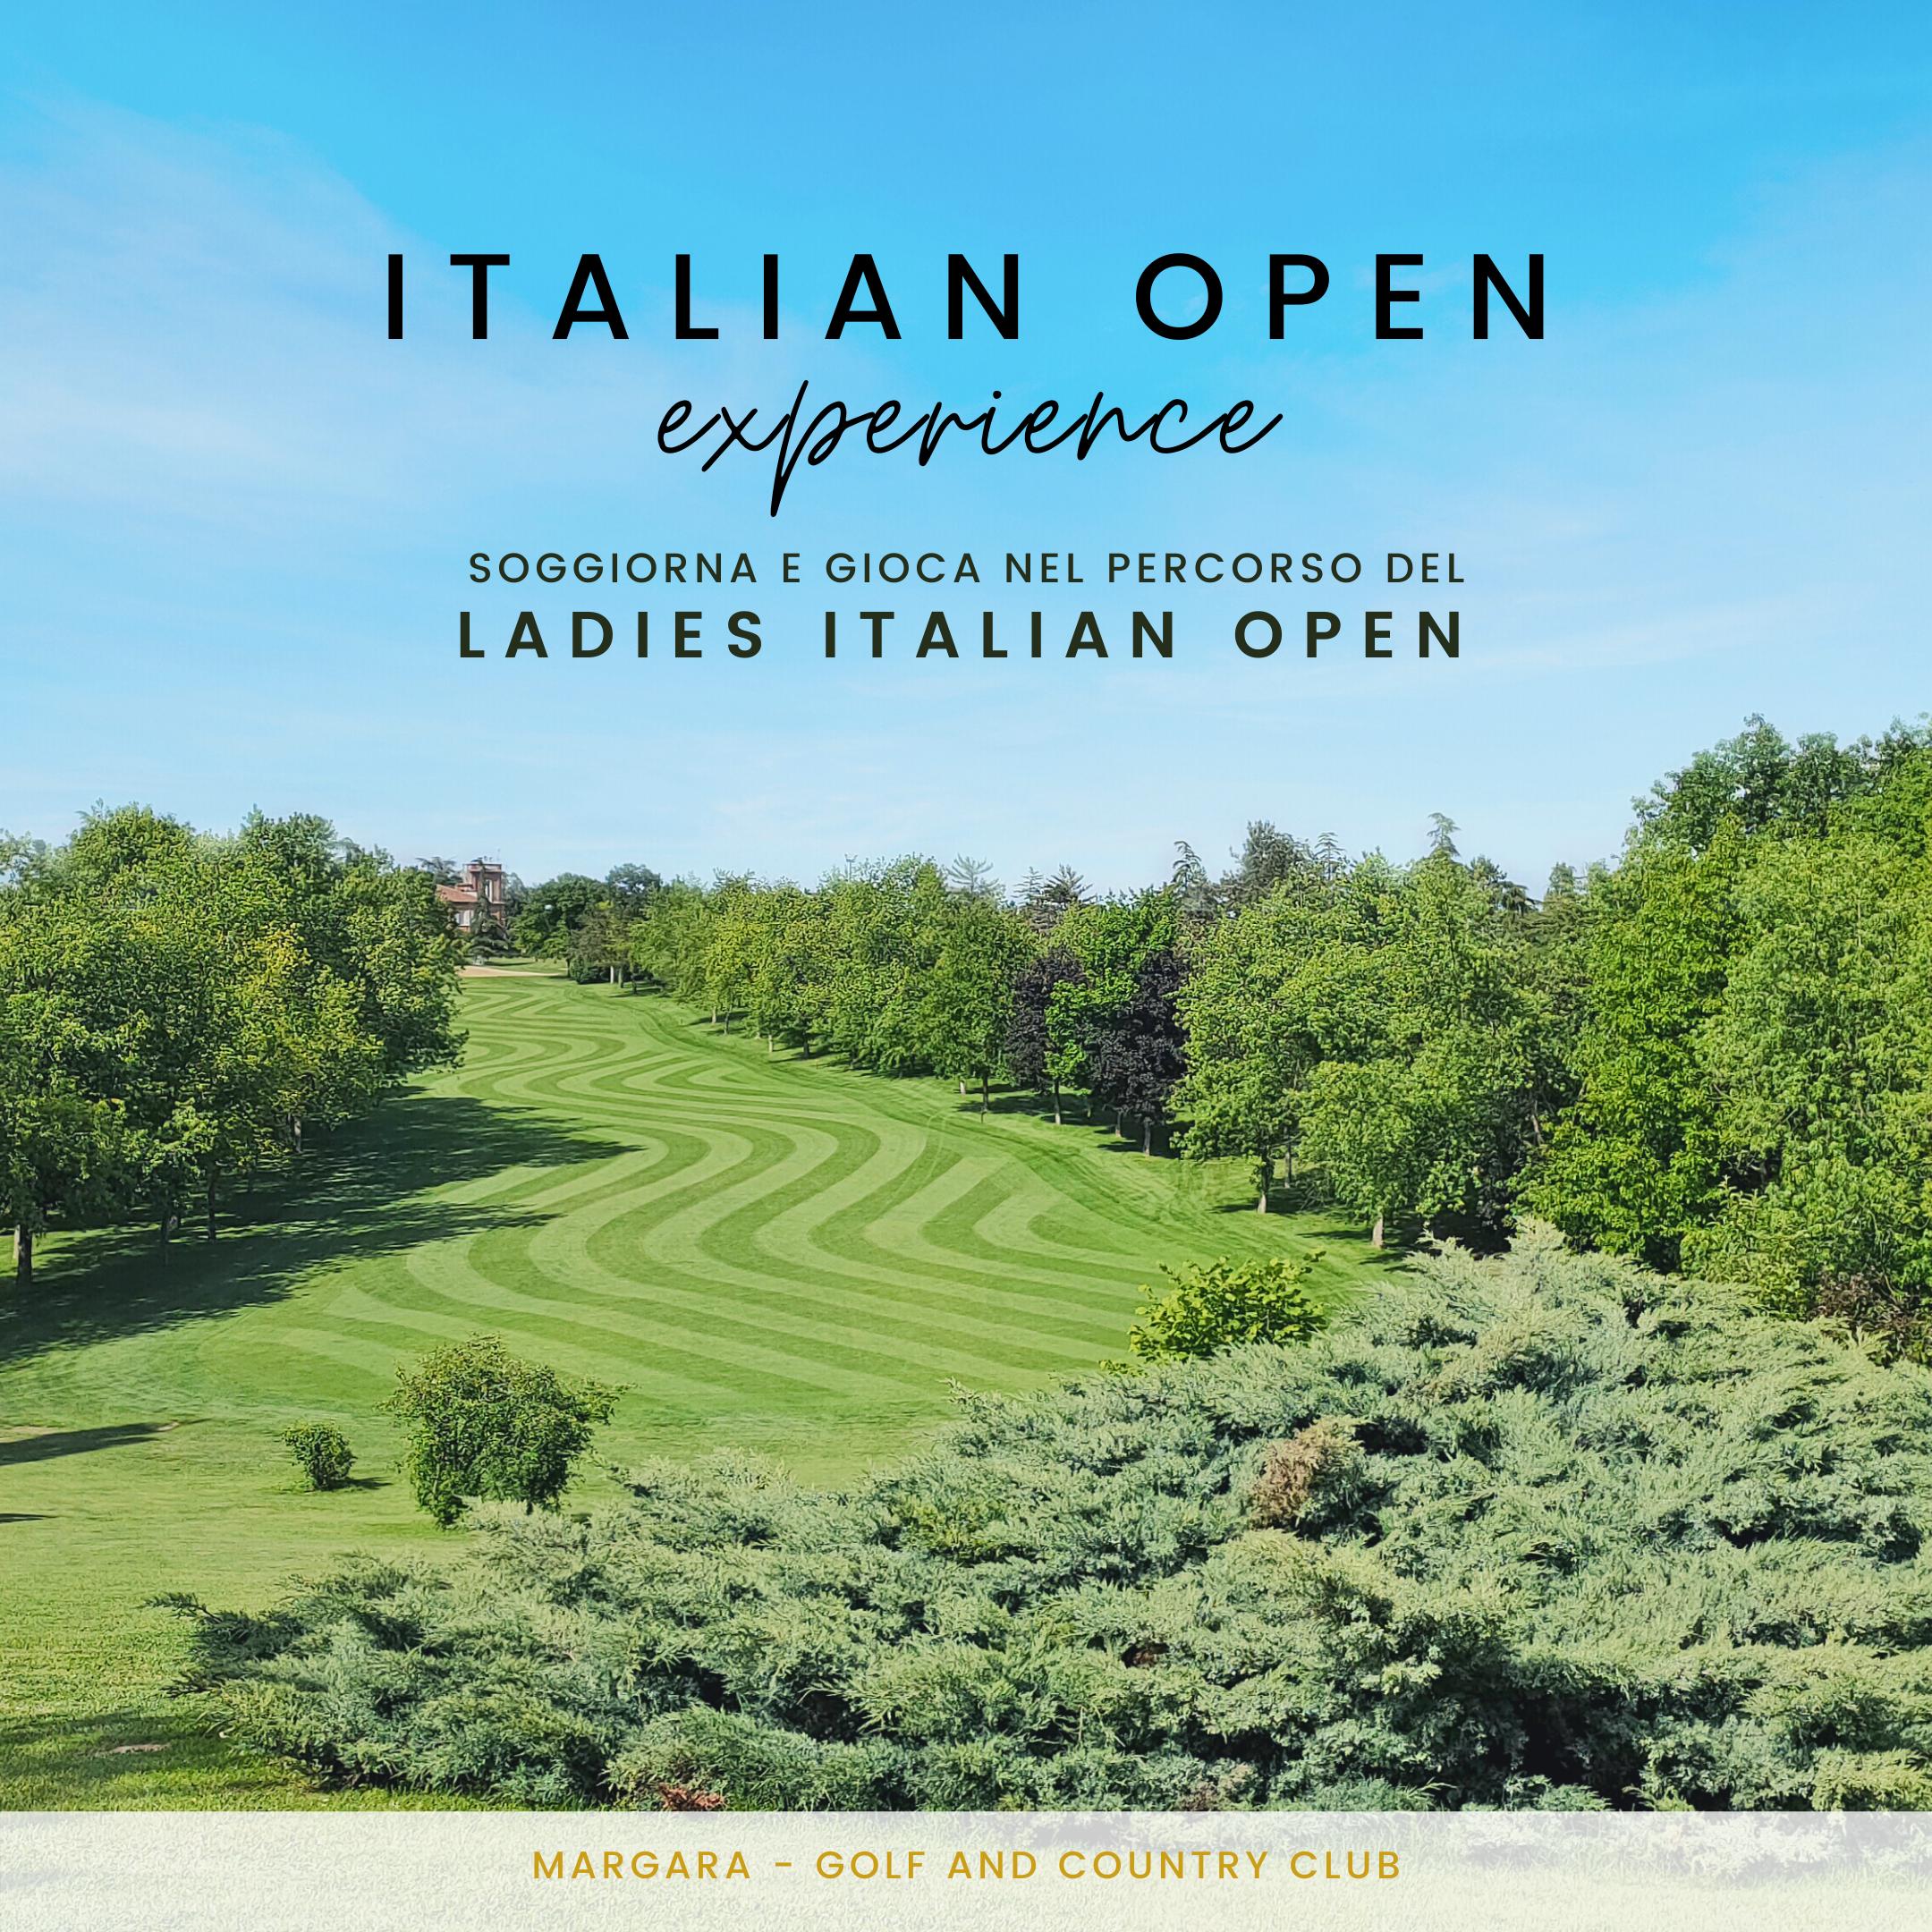 Italian Open Experience